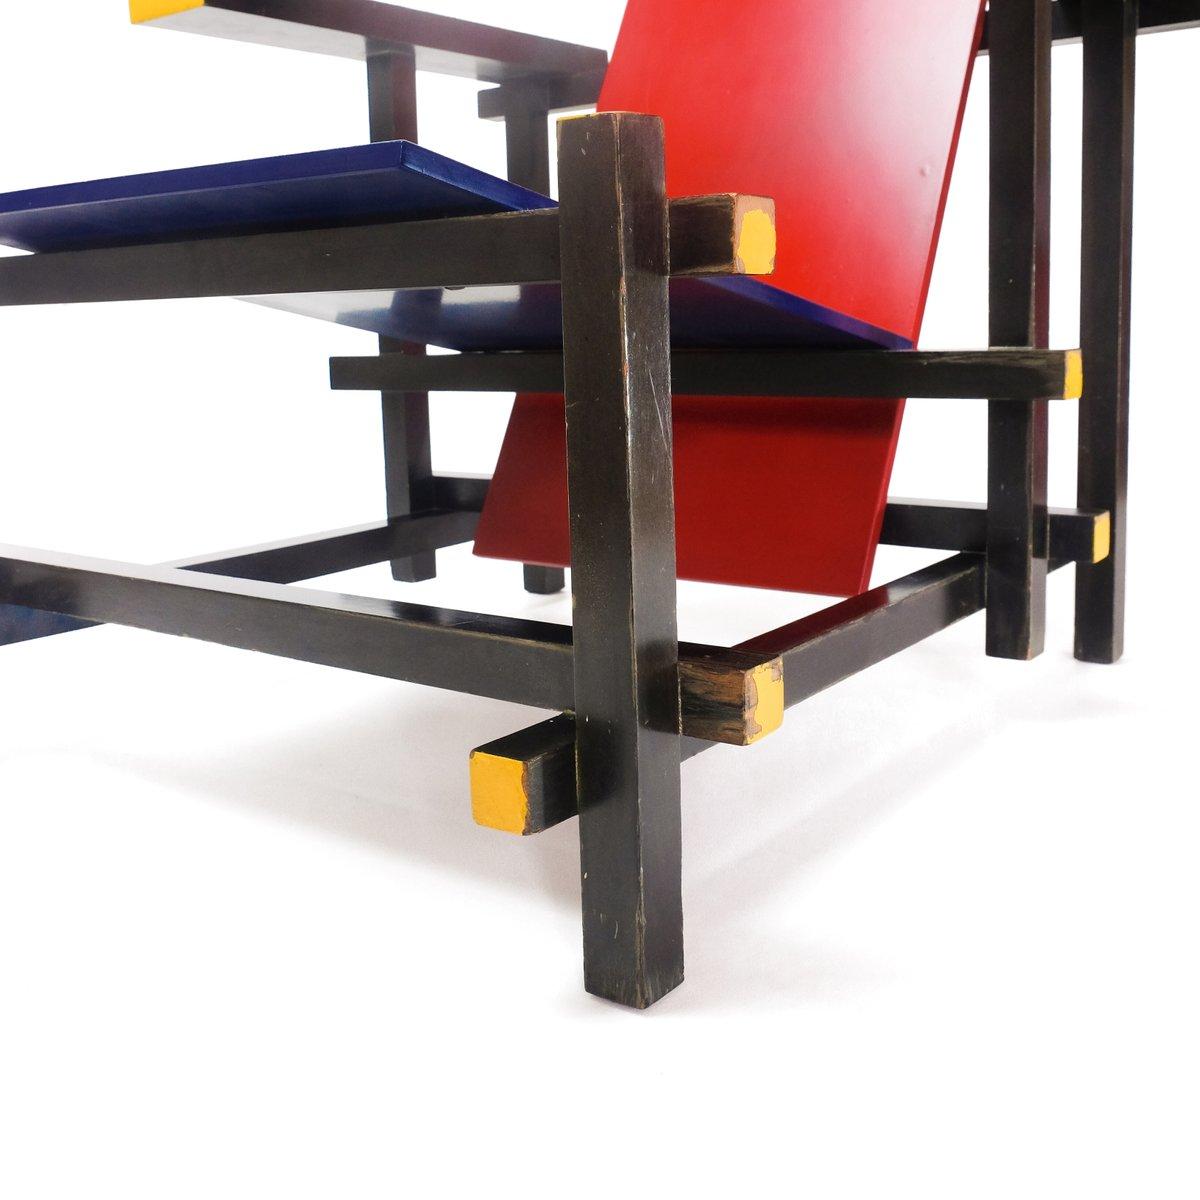 Sedia Rietveld Costo | Sedia Le Corbusier Prezzo Fabulous Chaise ...